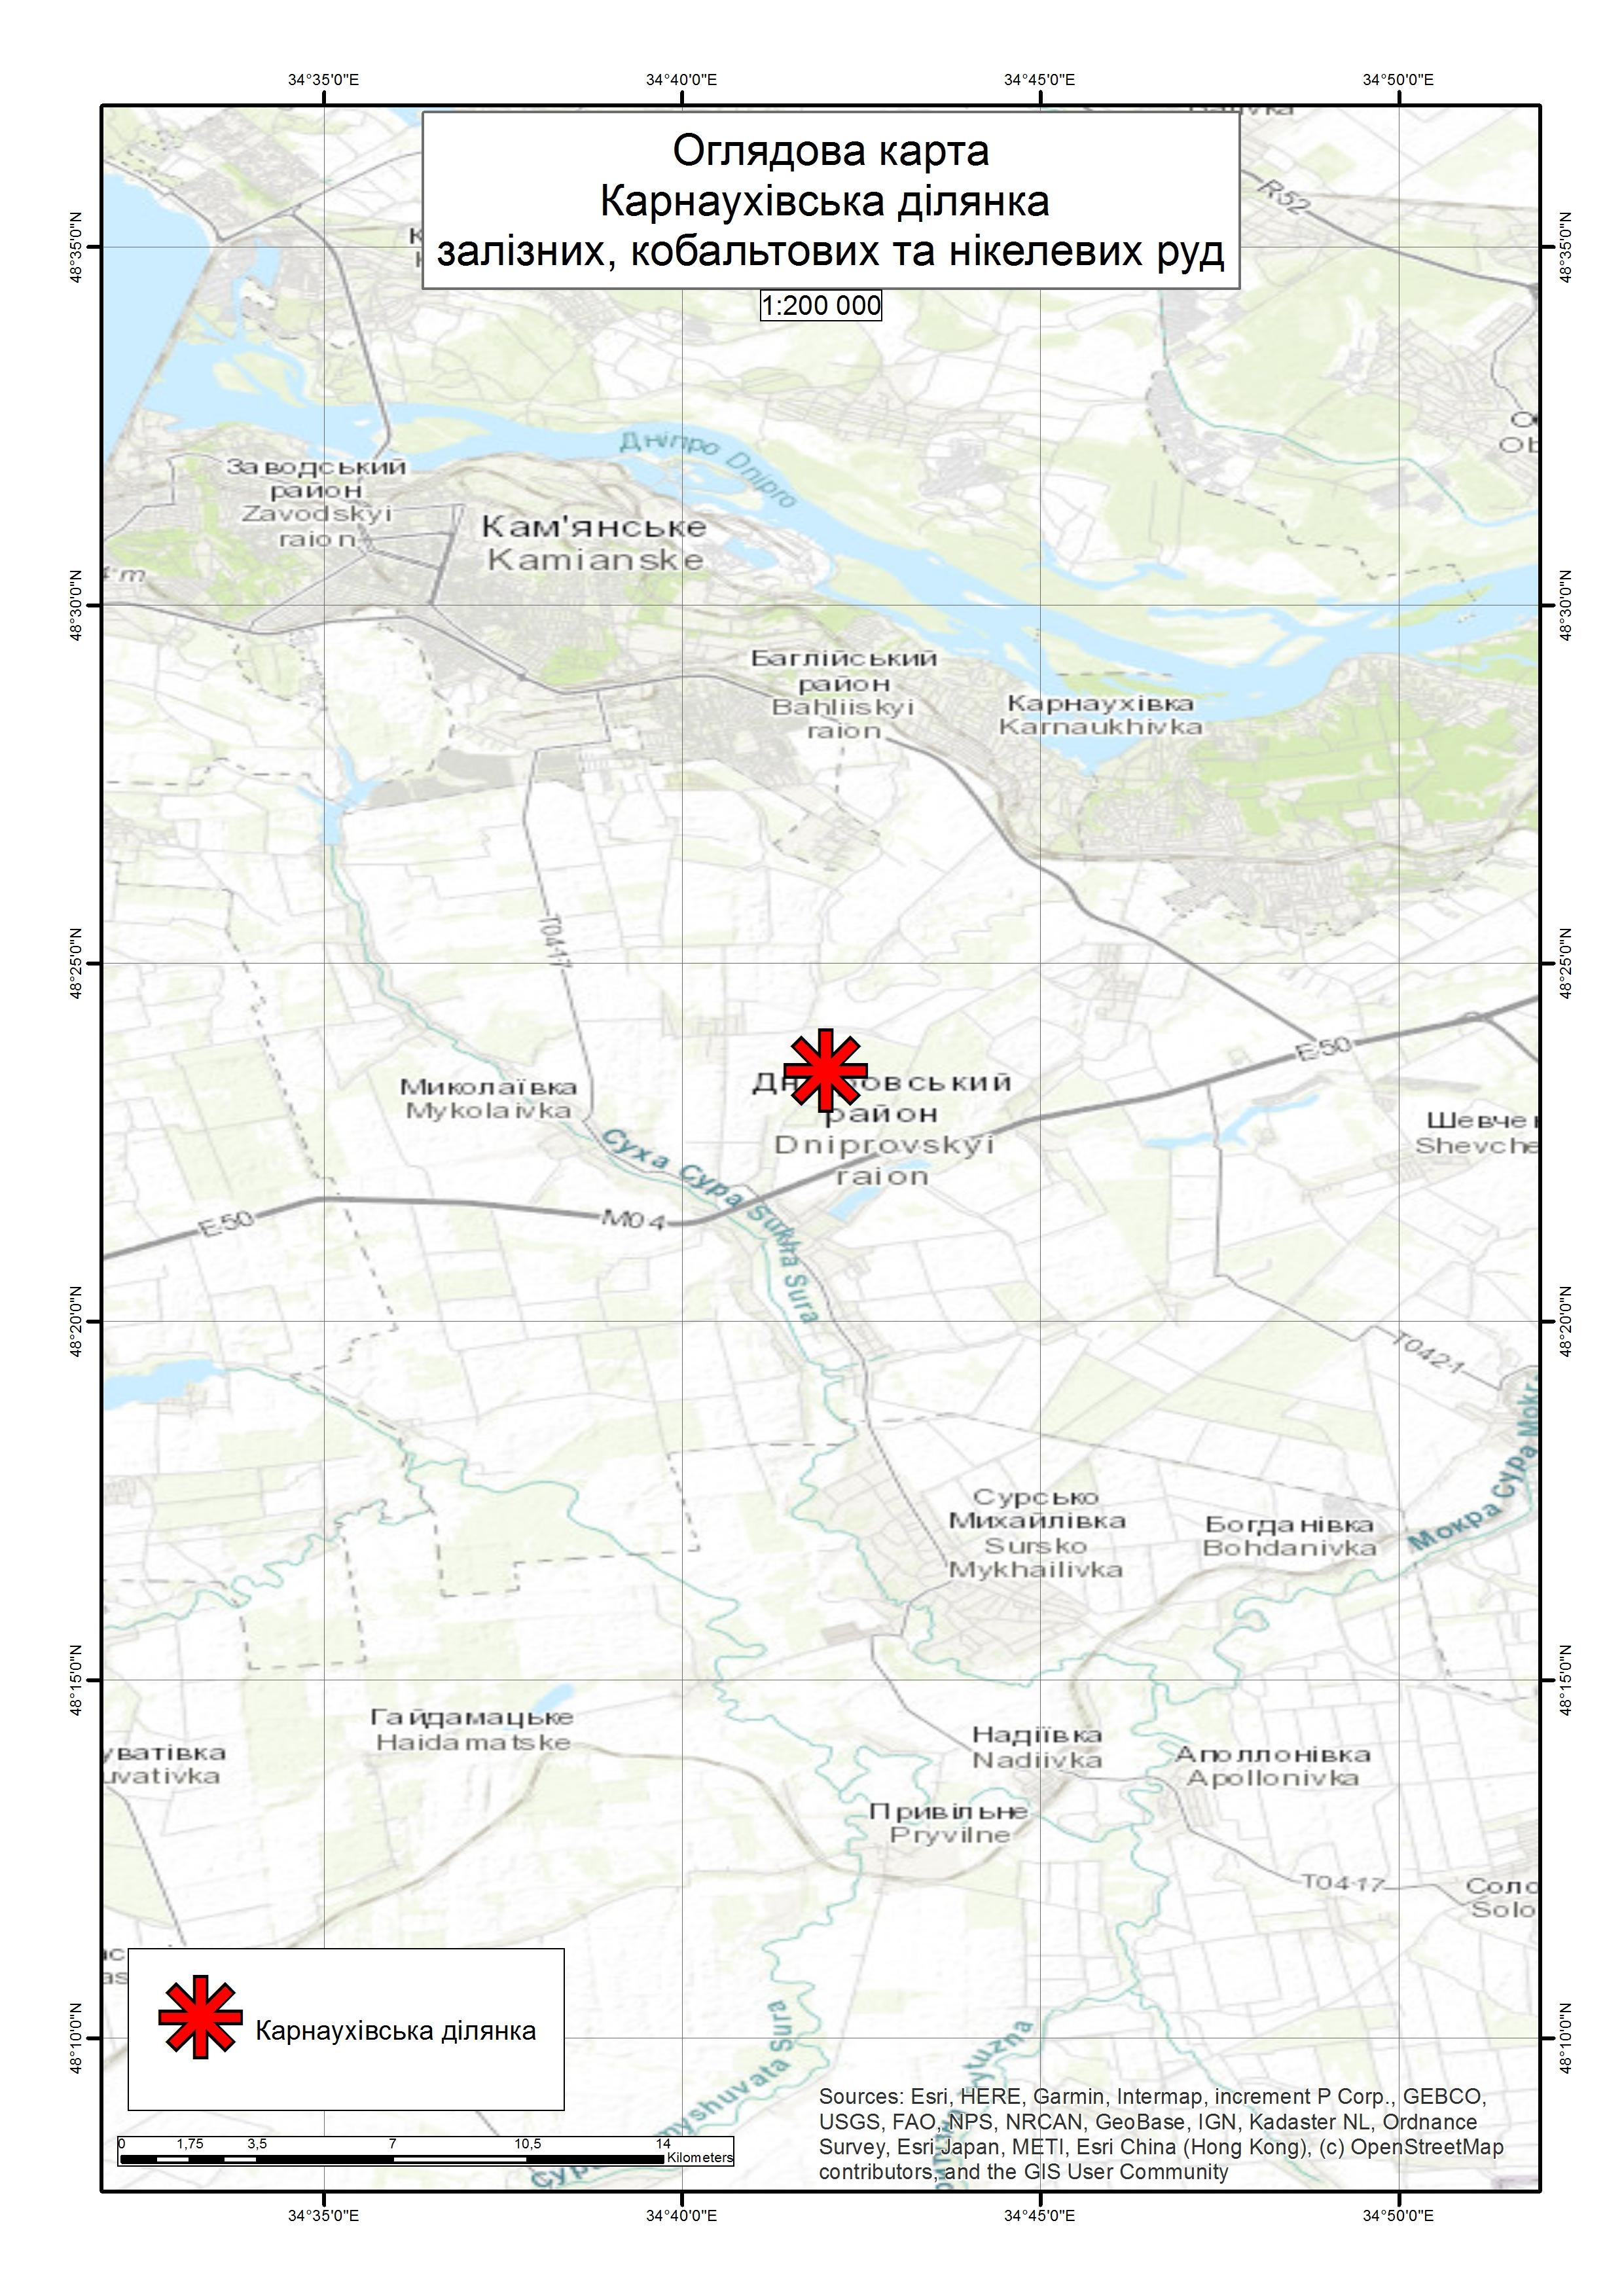 Спеціальний дозвіл на користування надрами – Карнаухівська ділянка. Вартість геологічної інформації – 155 636,01 грн (з ПДВ). Вартість пакету аукціонної документації – 22 420,52 грн (з ПДВ).